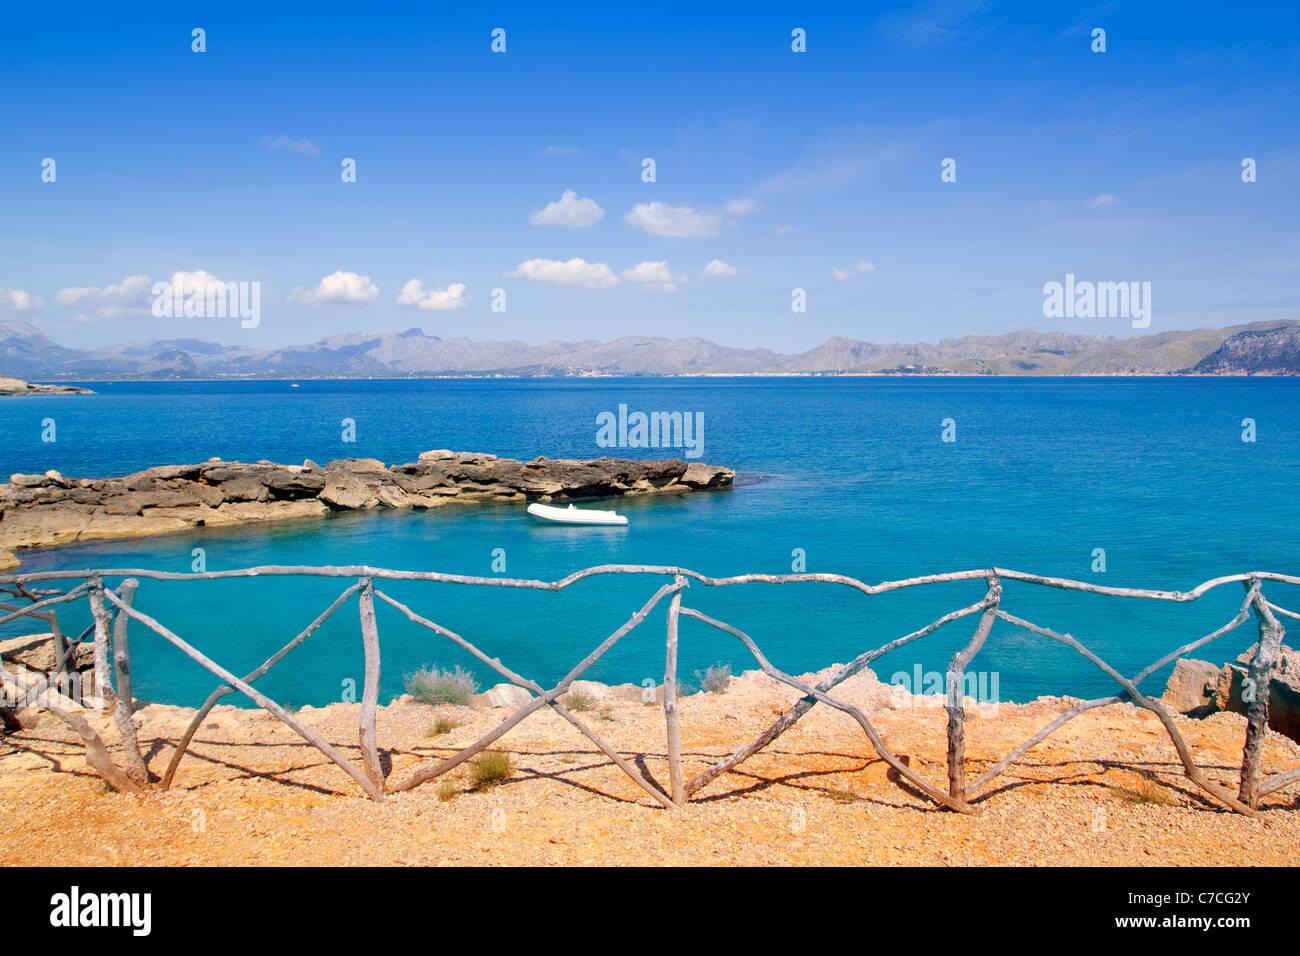 Alcudia in Mallorca la Victoria turquoise beach near s Illot from Balearic Islands - Stock Image